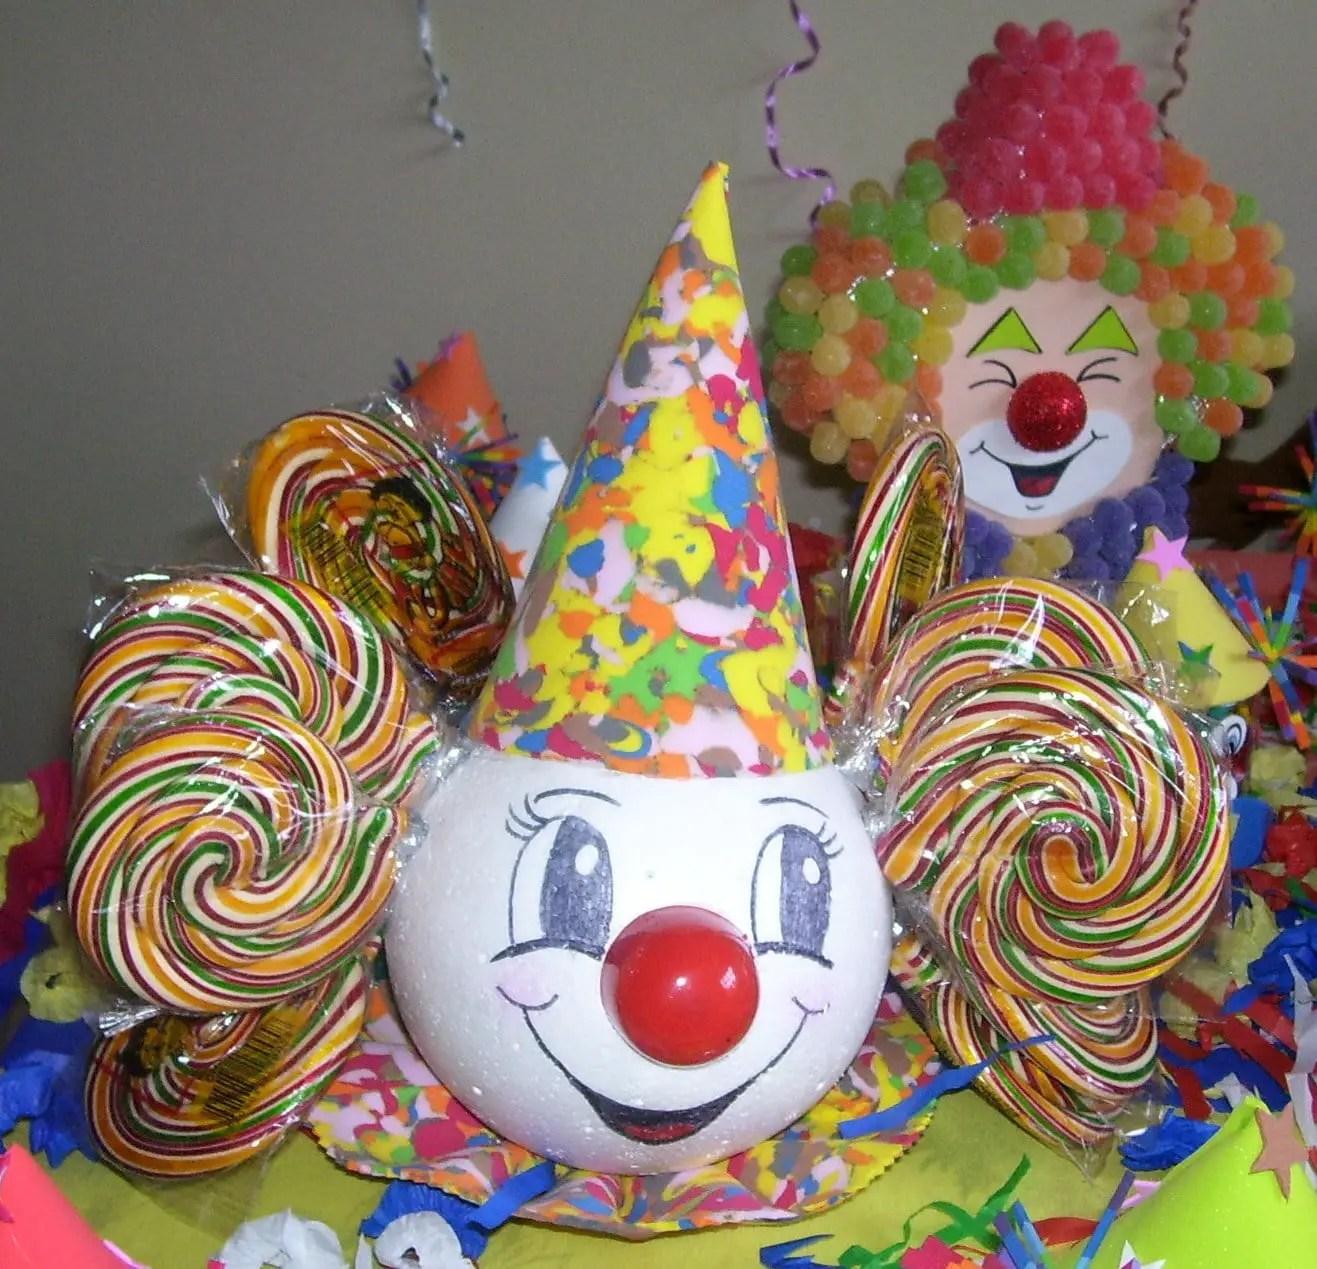 Fiesta infantil de payasos dale detalles - Detalles para cumples infantiles ...